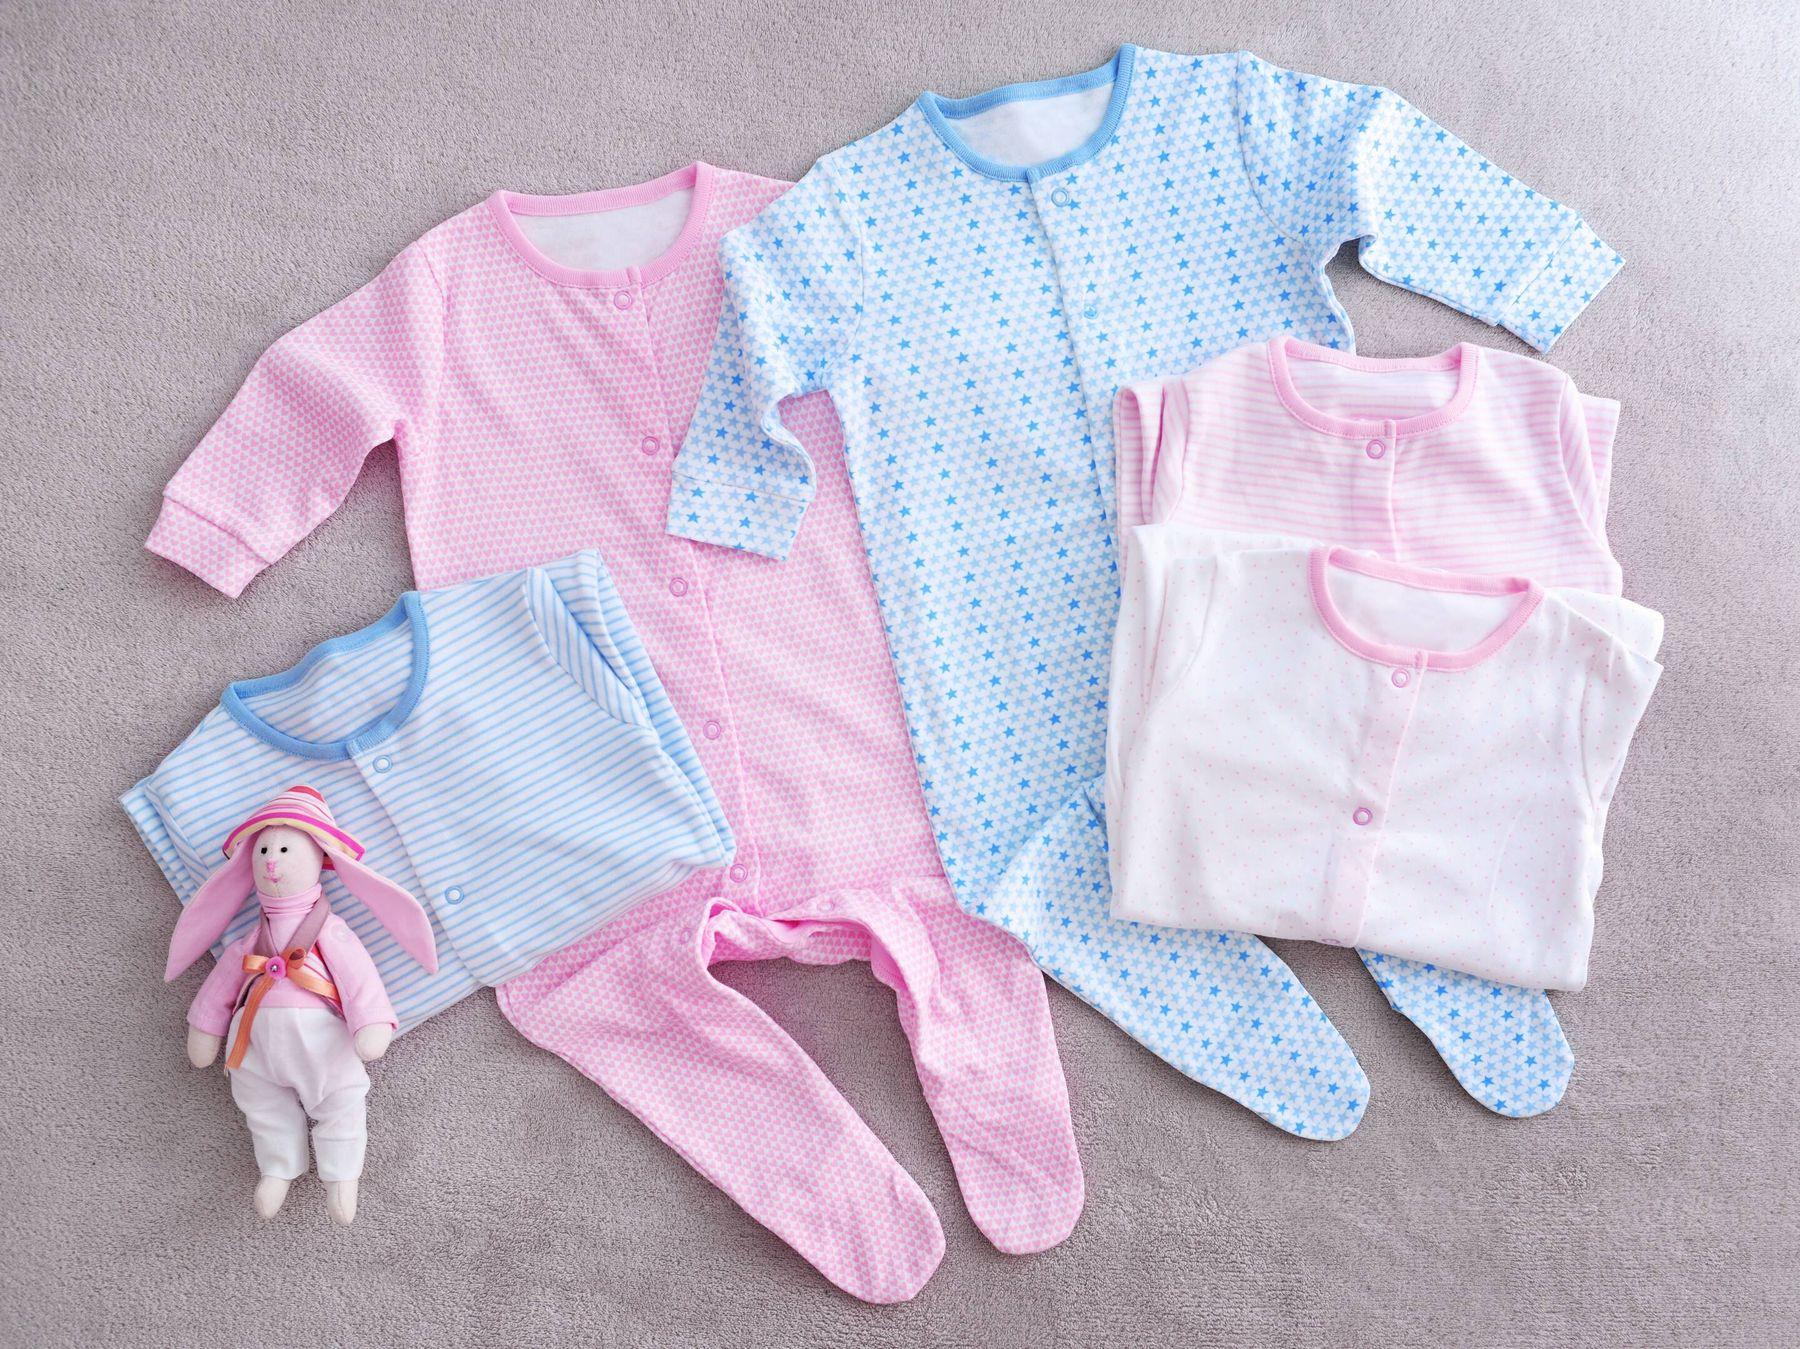 Quần áo của trẻ sơ sinh và trẻ nhỏ